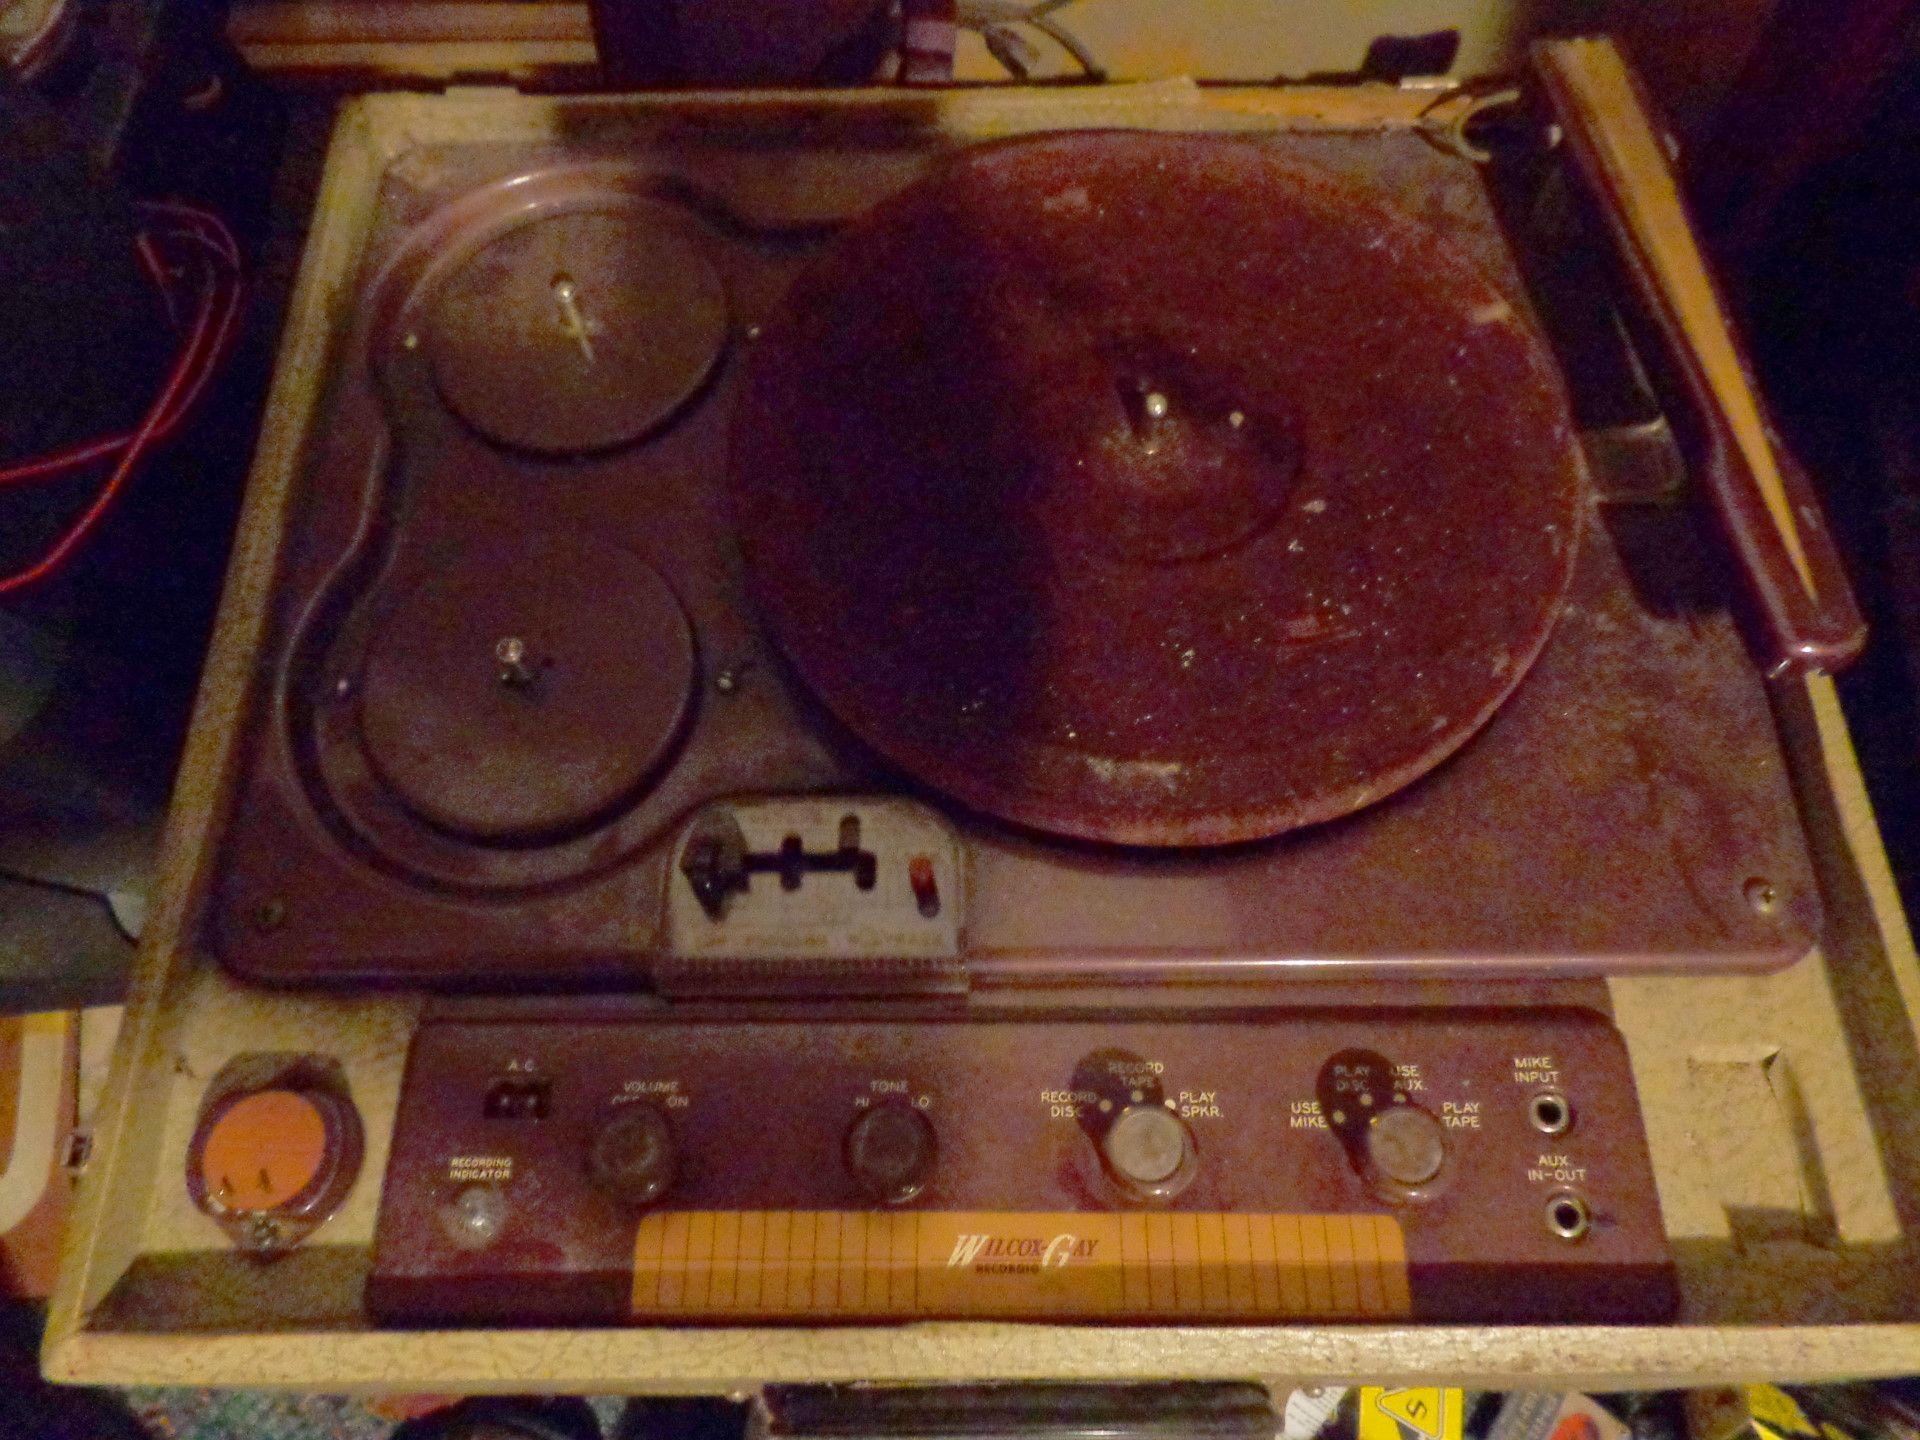 1946 cut gay orginal phono record recrodio wilcox